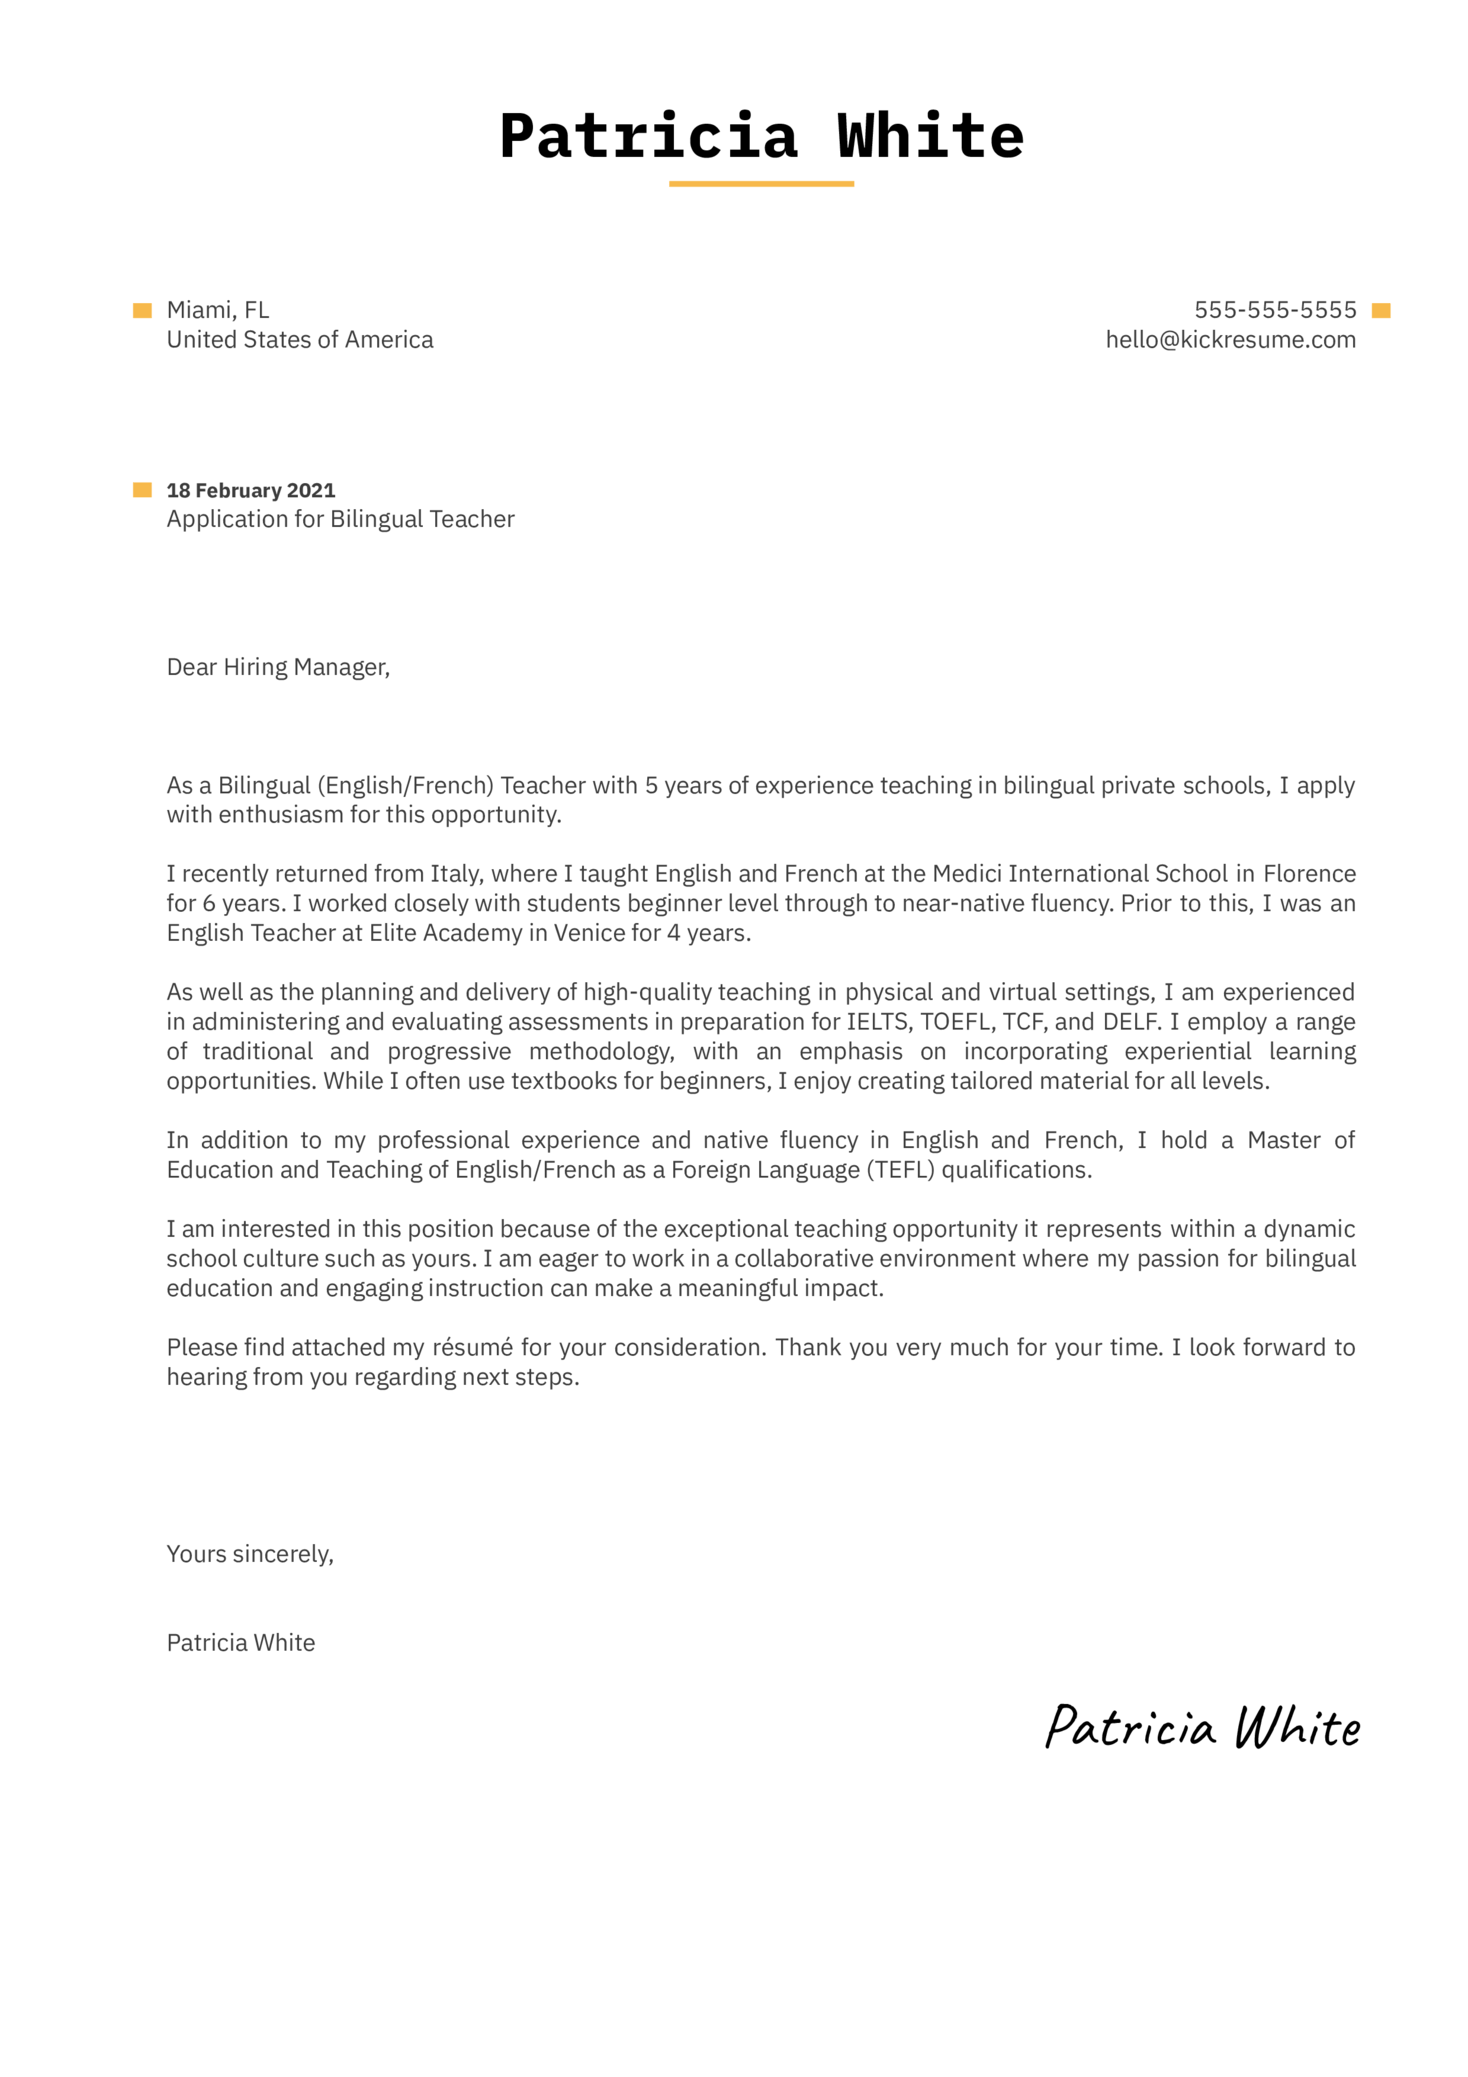 Bilingual Teacher Cover Letter Sample